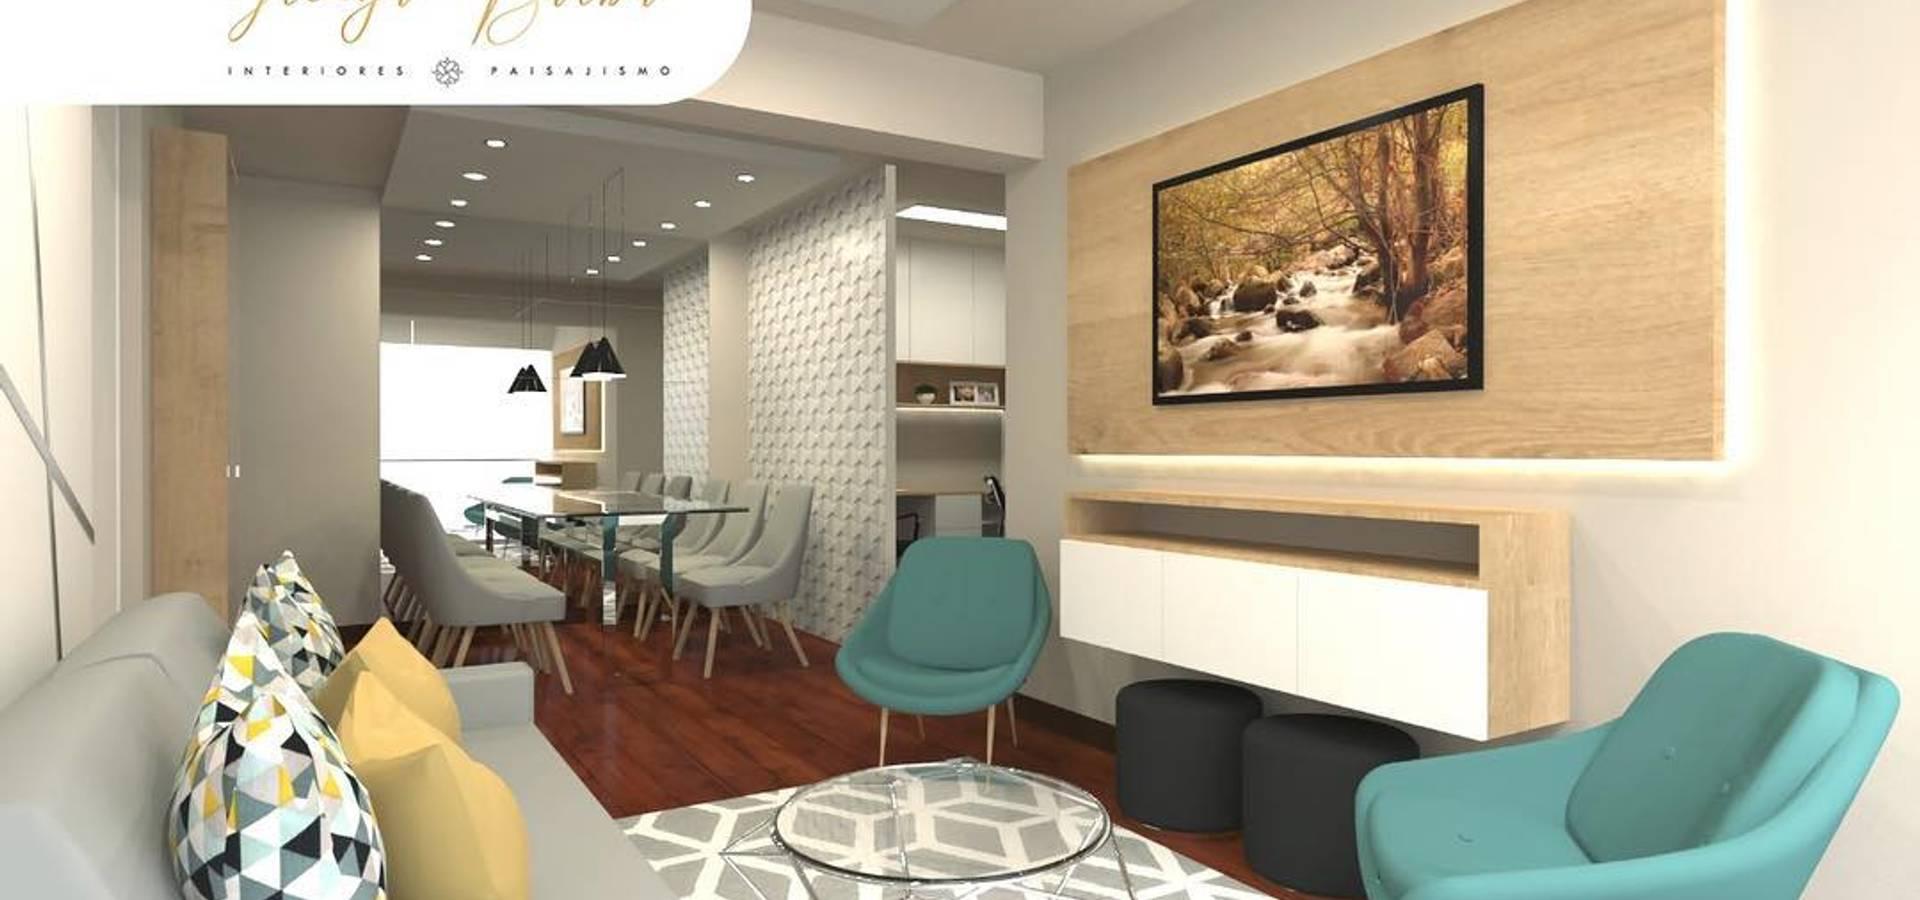 Irenya Barba – Diseño de Interiores